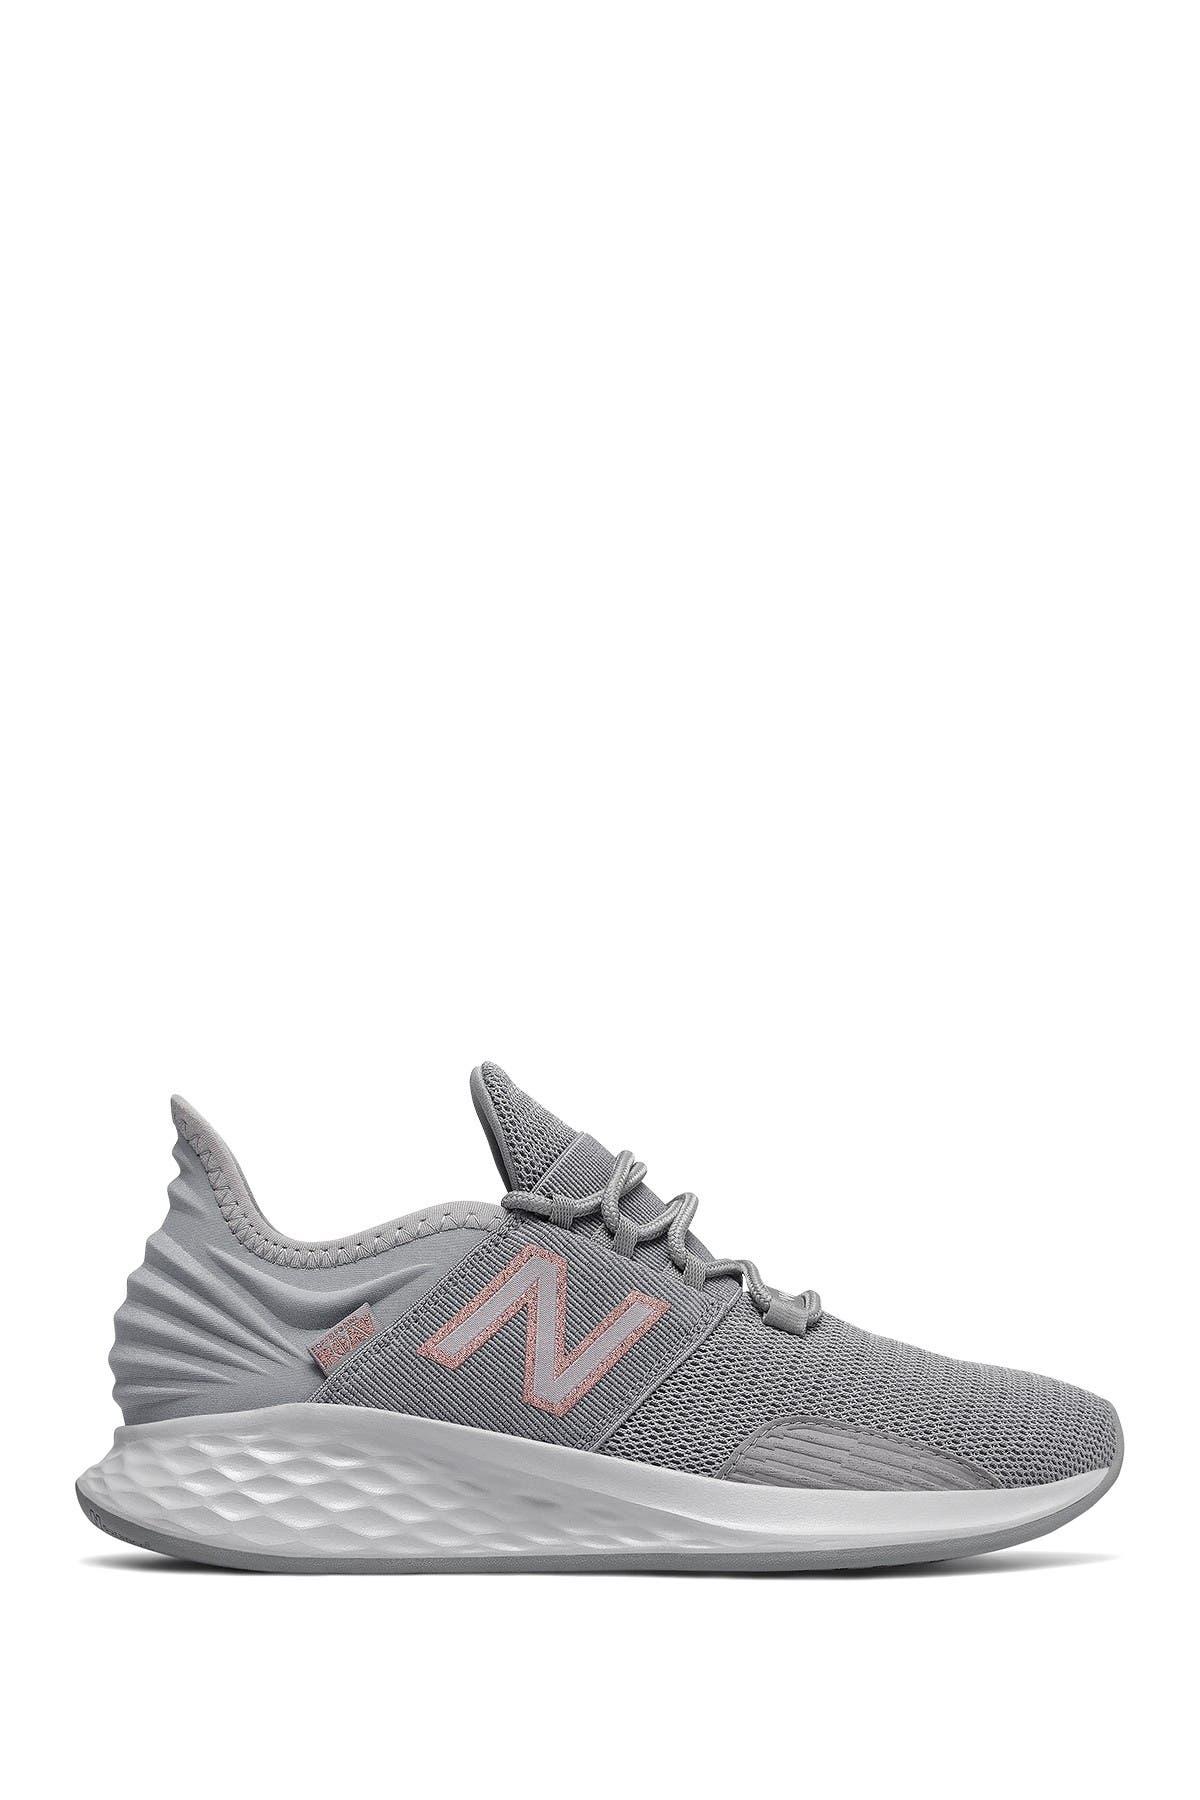 Image of New Balance Roav Running Sneaker